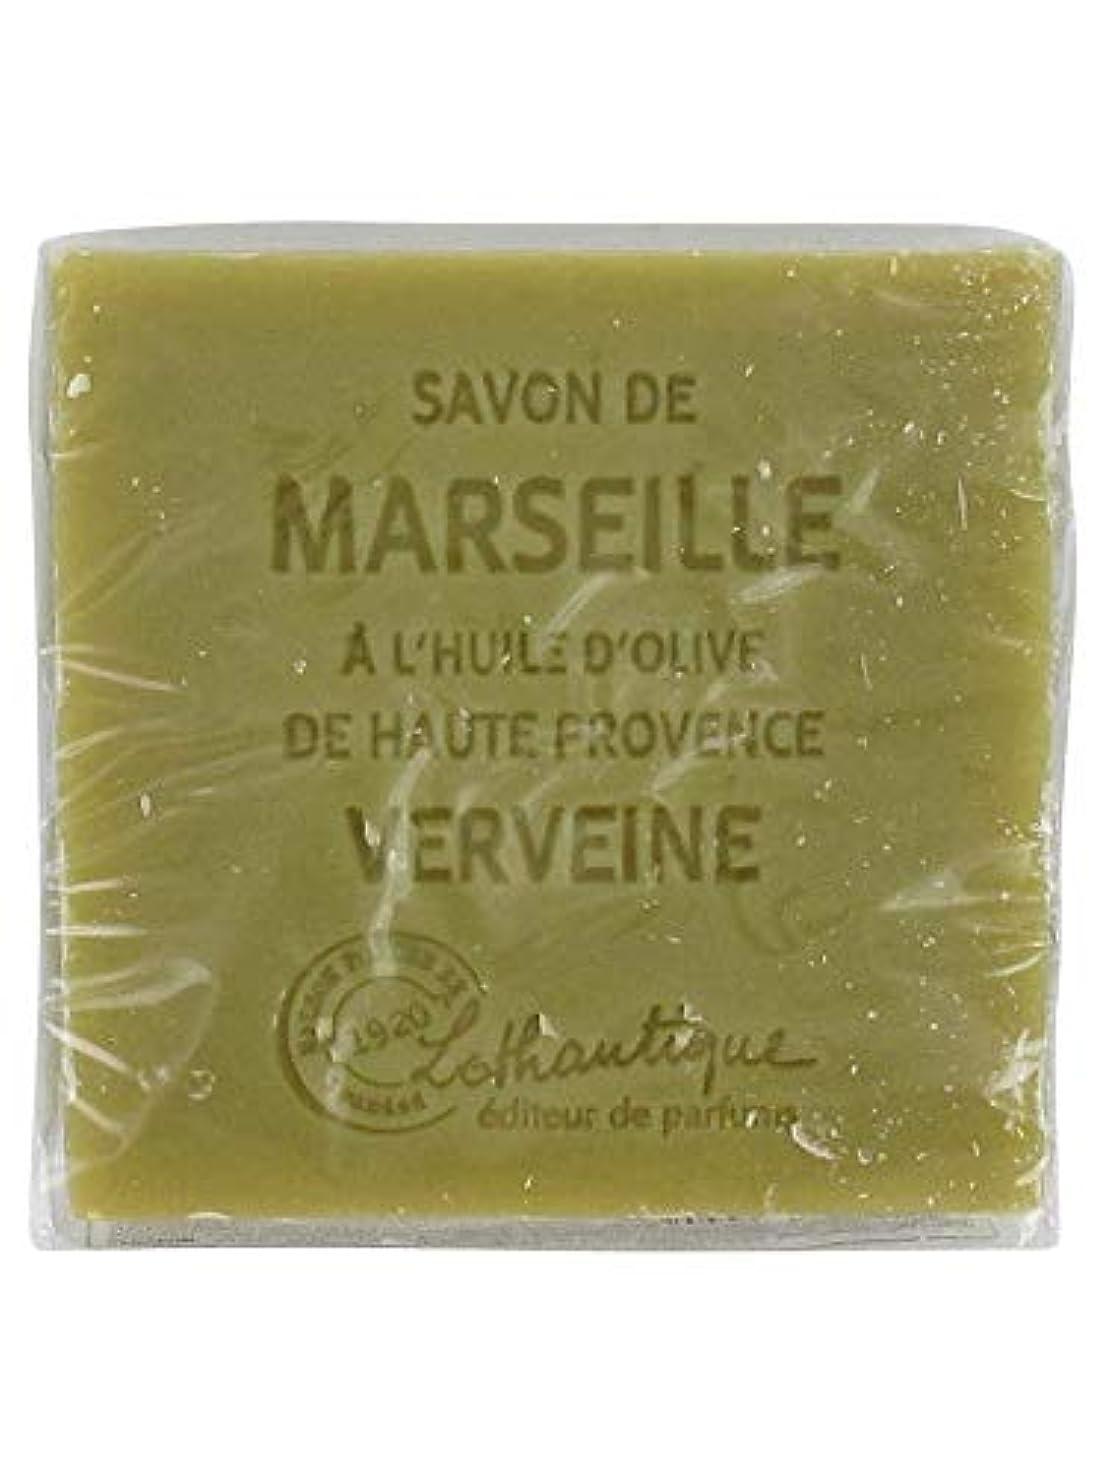 孤独な乳剤拾うLothantique(ロタンティック) Les savons de Marseille(マルセイユソープ) マルセイユソープ 100g 「ベルベーヌ」 3420070038142